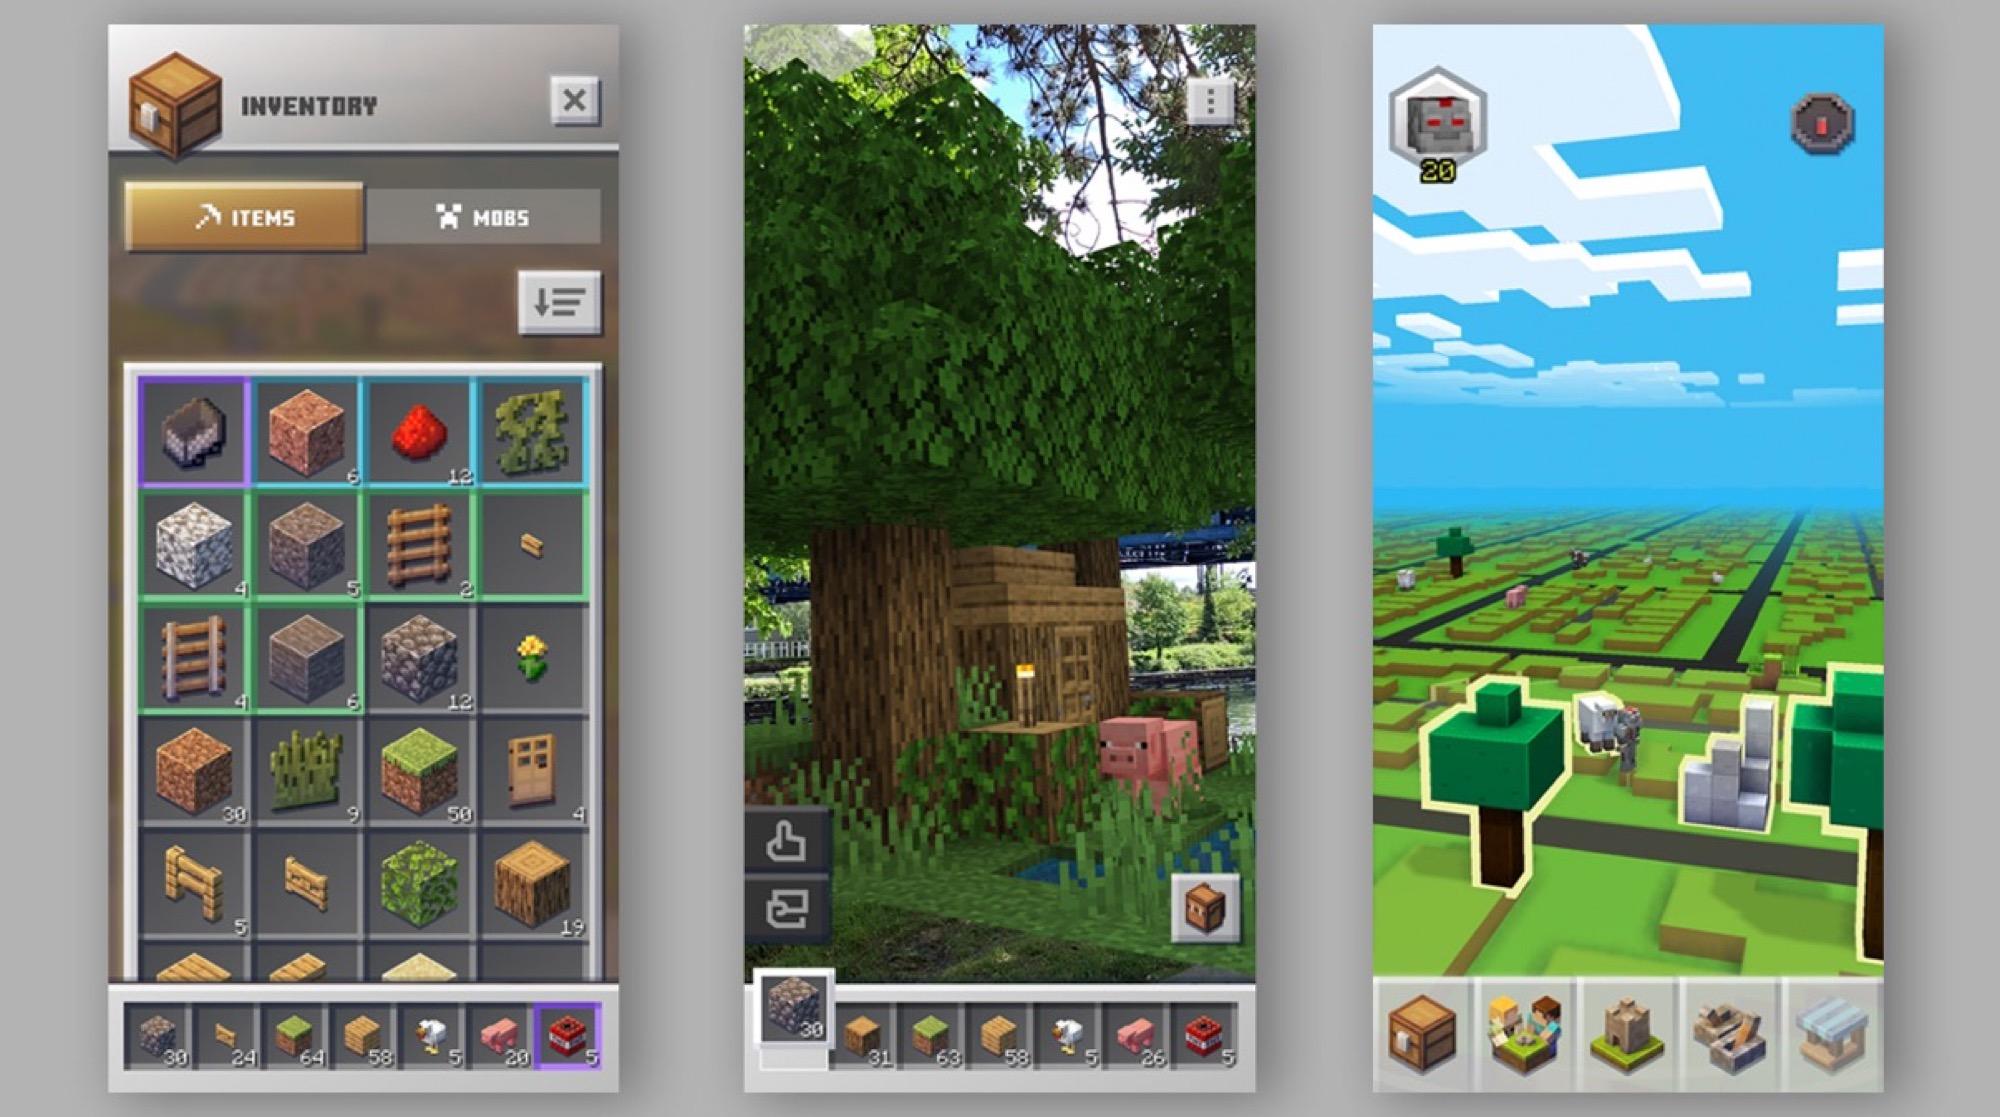 Le jeu iOS Minecraft Earth entre en phase de bêta-test publique 2